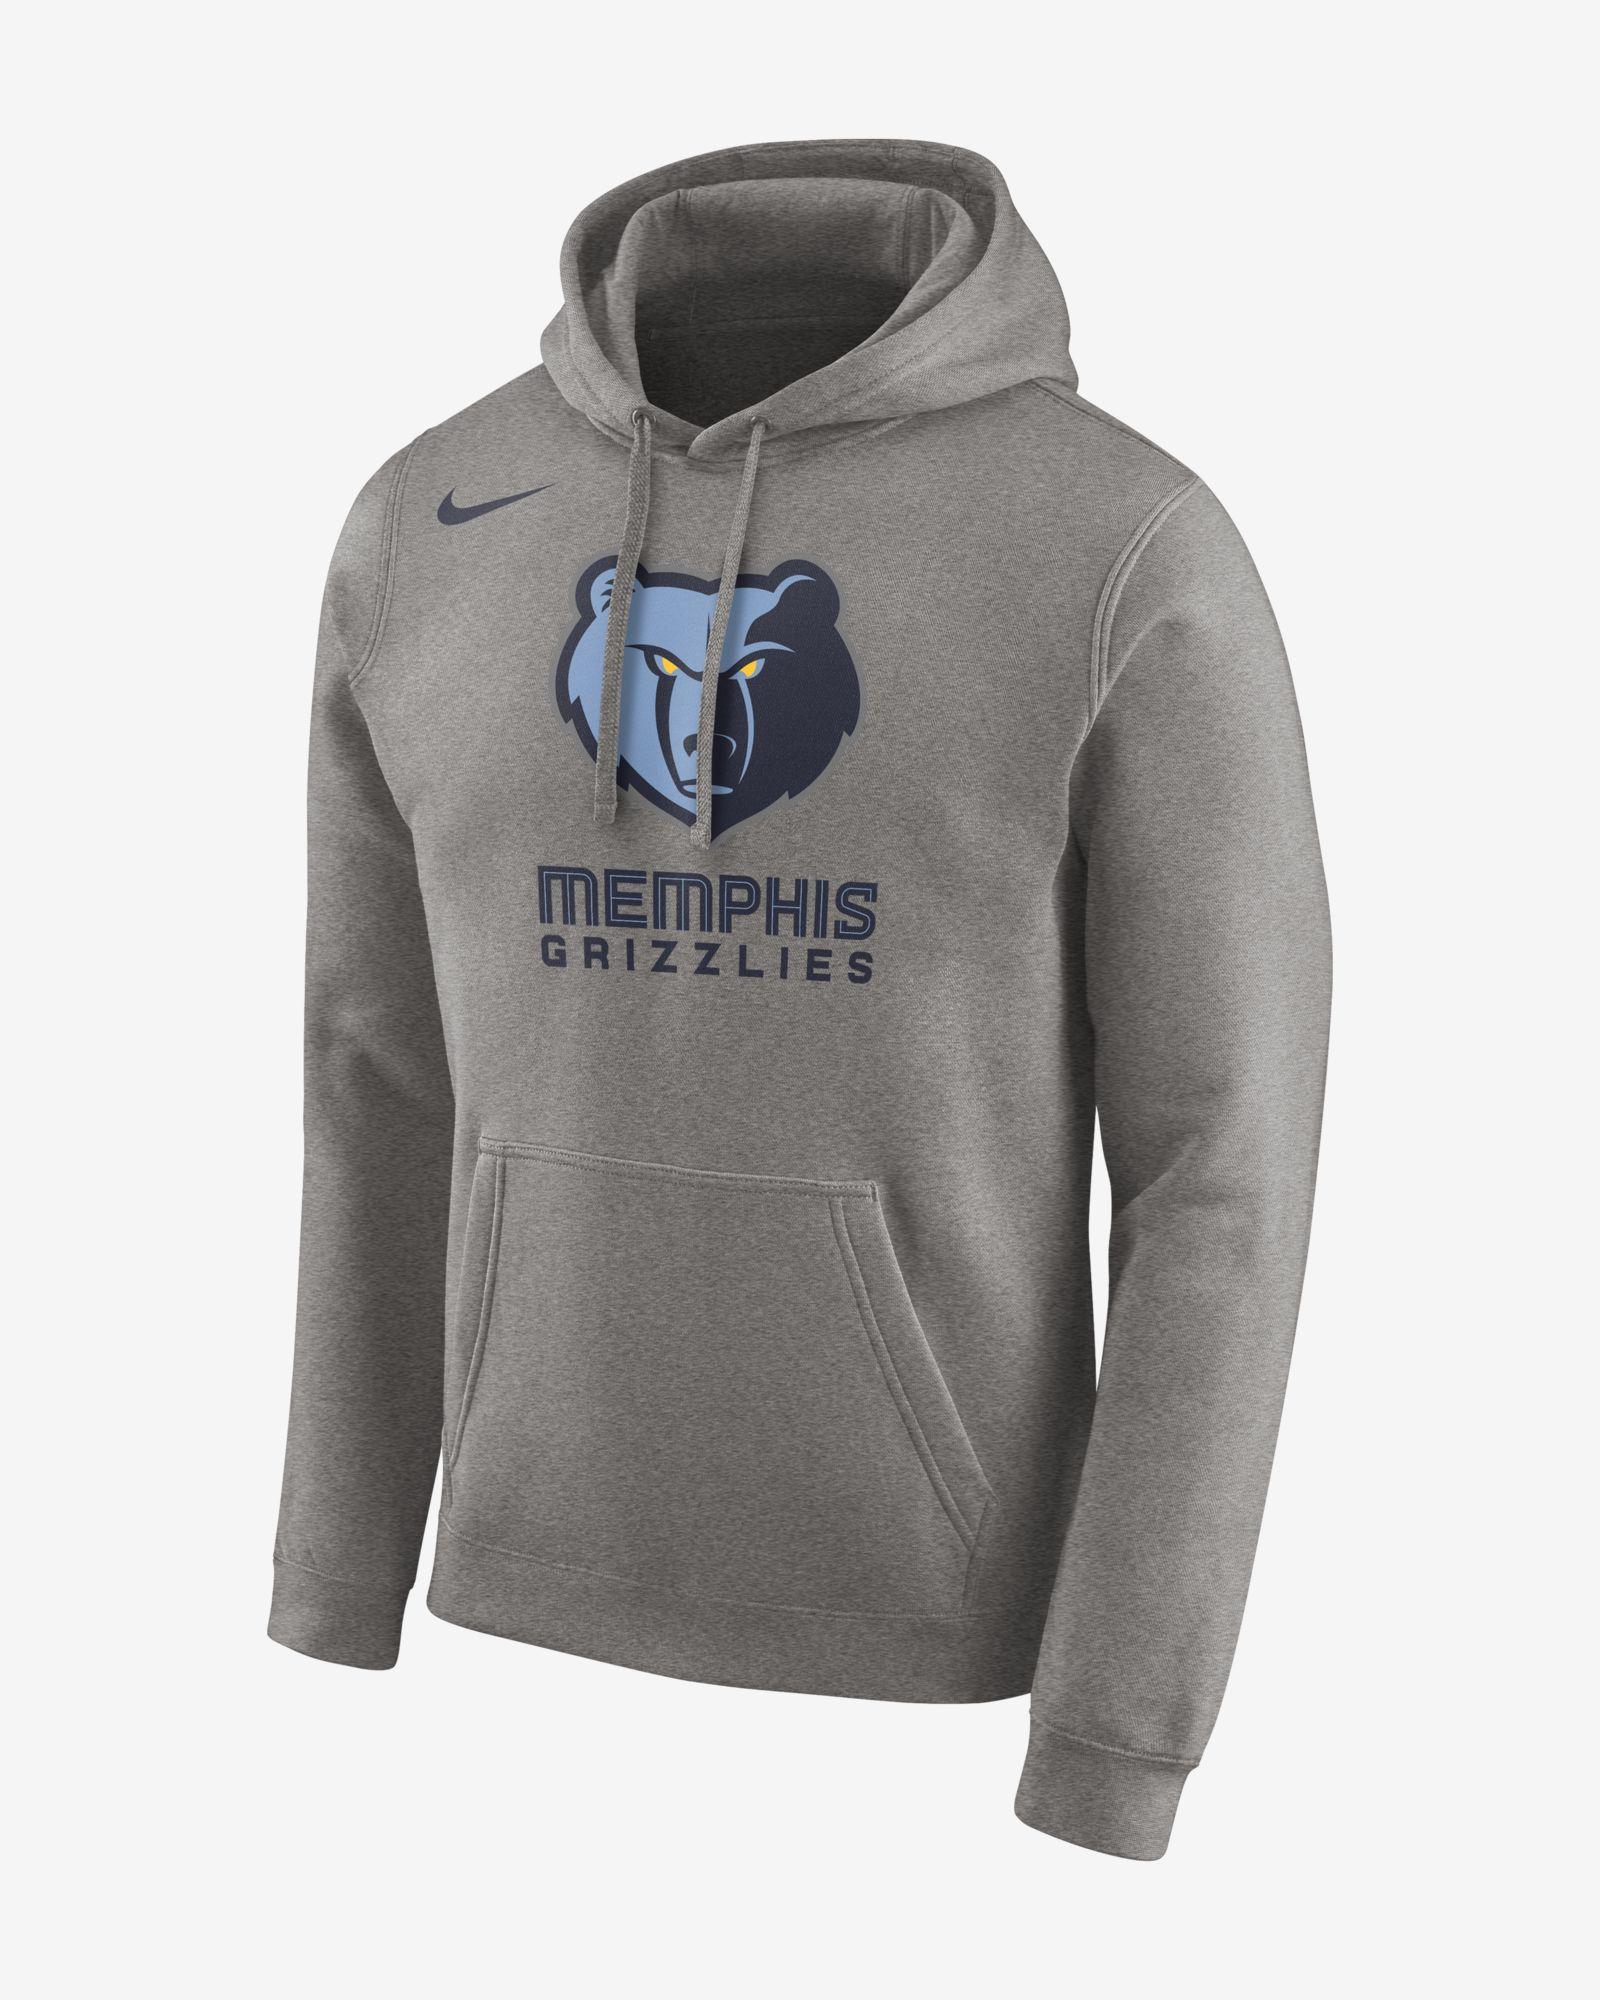 official photos 2ad09 5361e Nike NBA Memphis Grizzlies Hoodie - NBA Shop Memphis ...